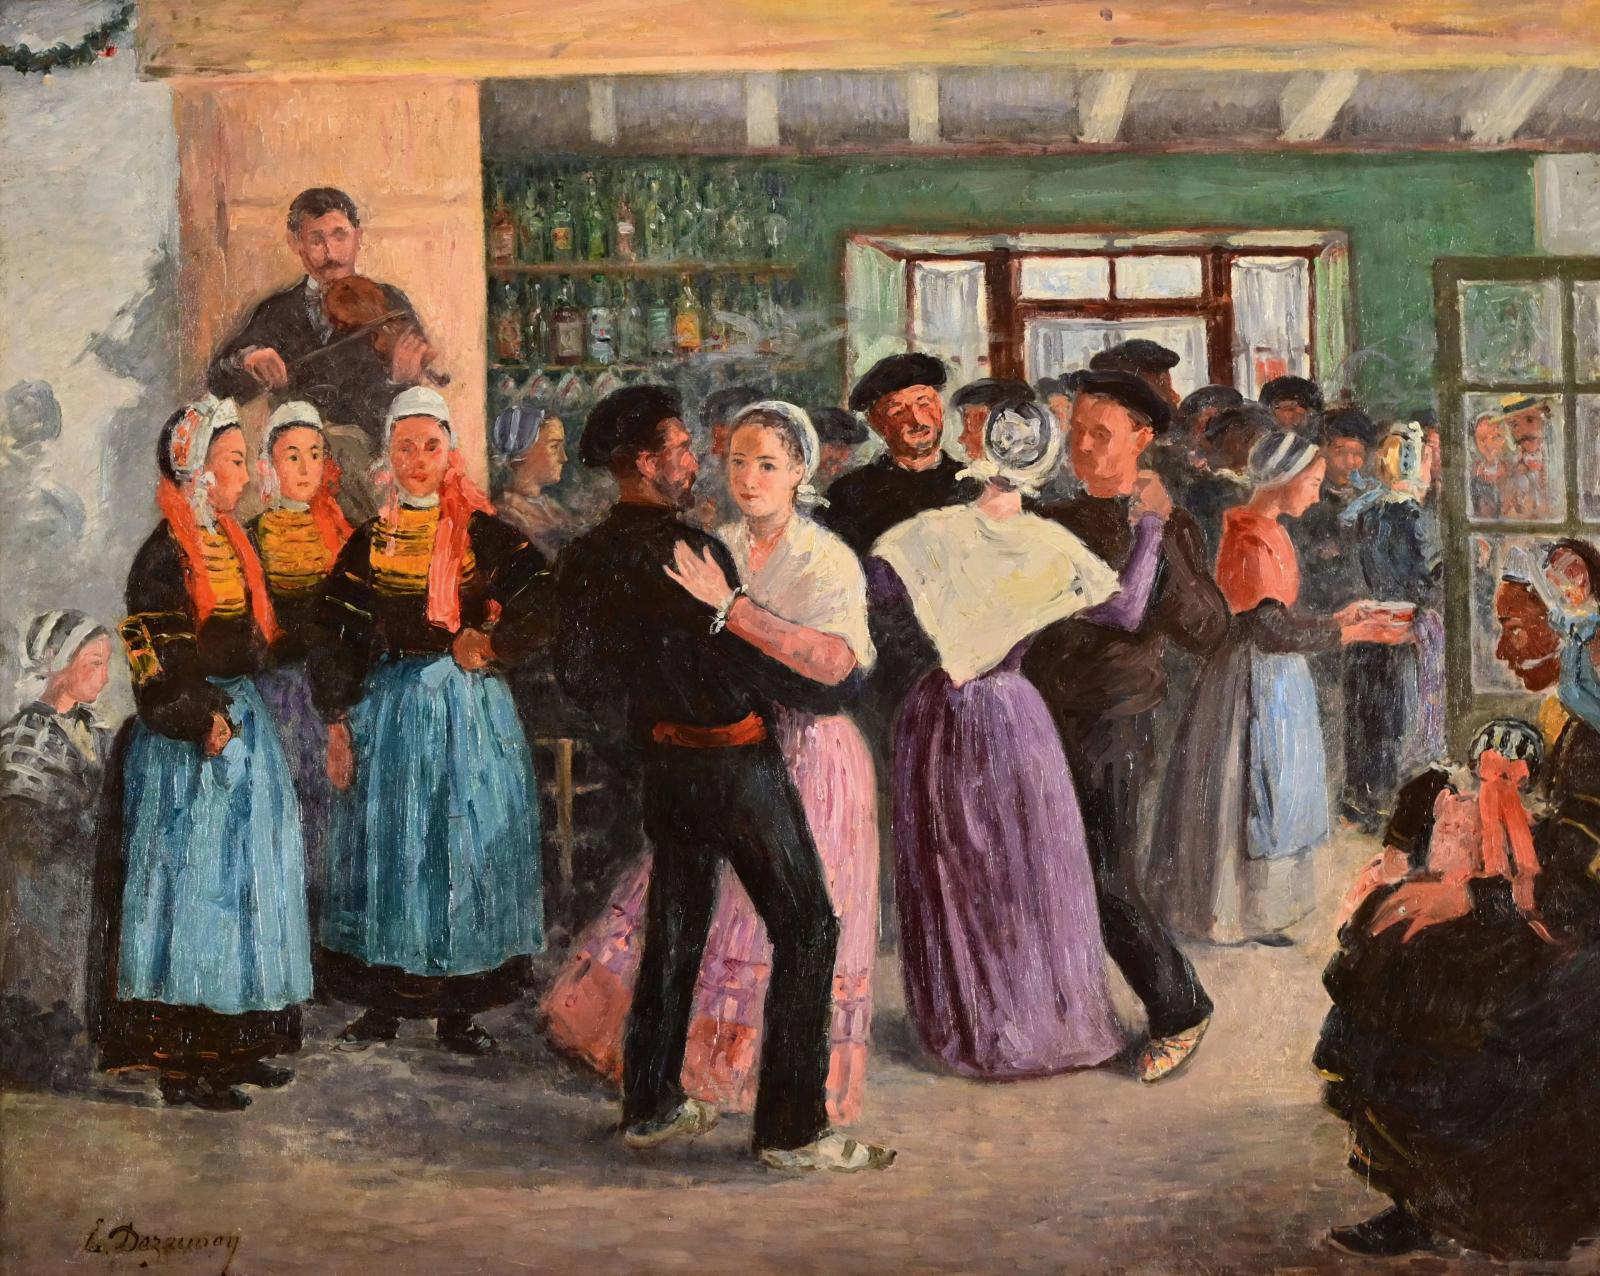 Le Nantais Émile Dezaunay (1854-1938) sera également présent avec cette huile sur toile décrivant une scène traditionnelle bretonne, un Ba